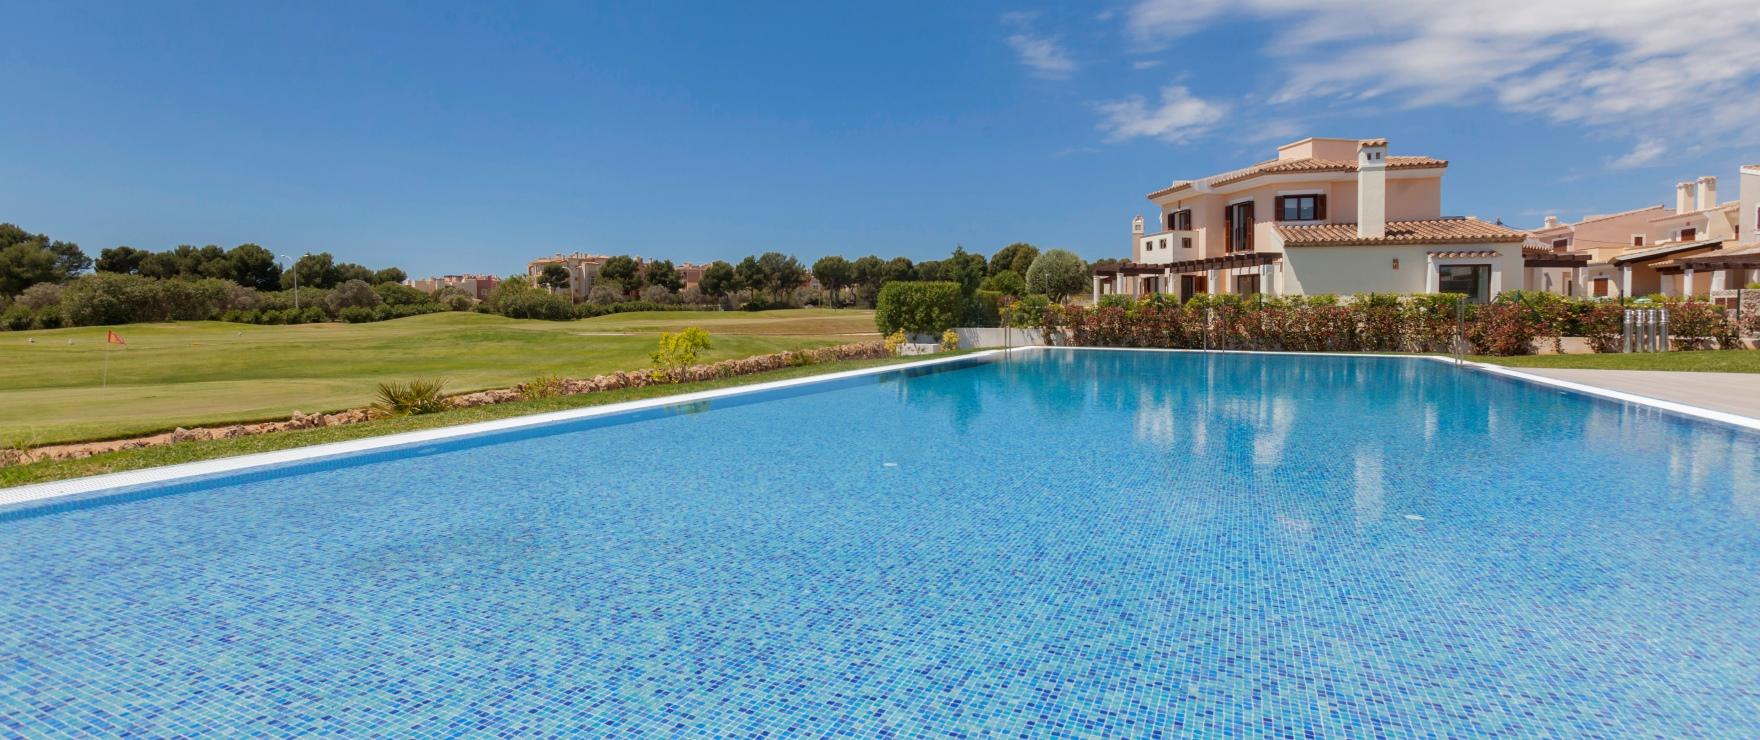 Marina Golf - Nova Santa Ponsa (Mallorca)